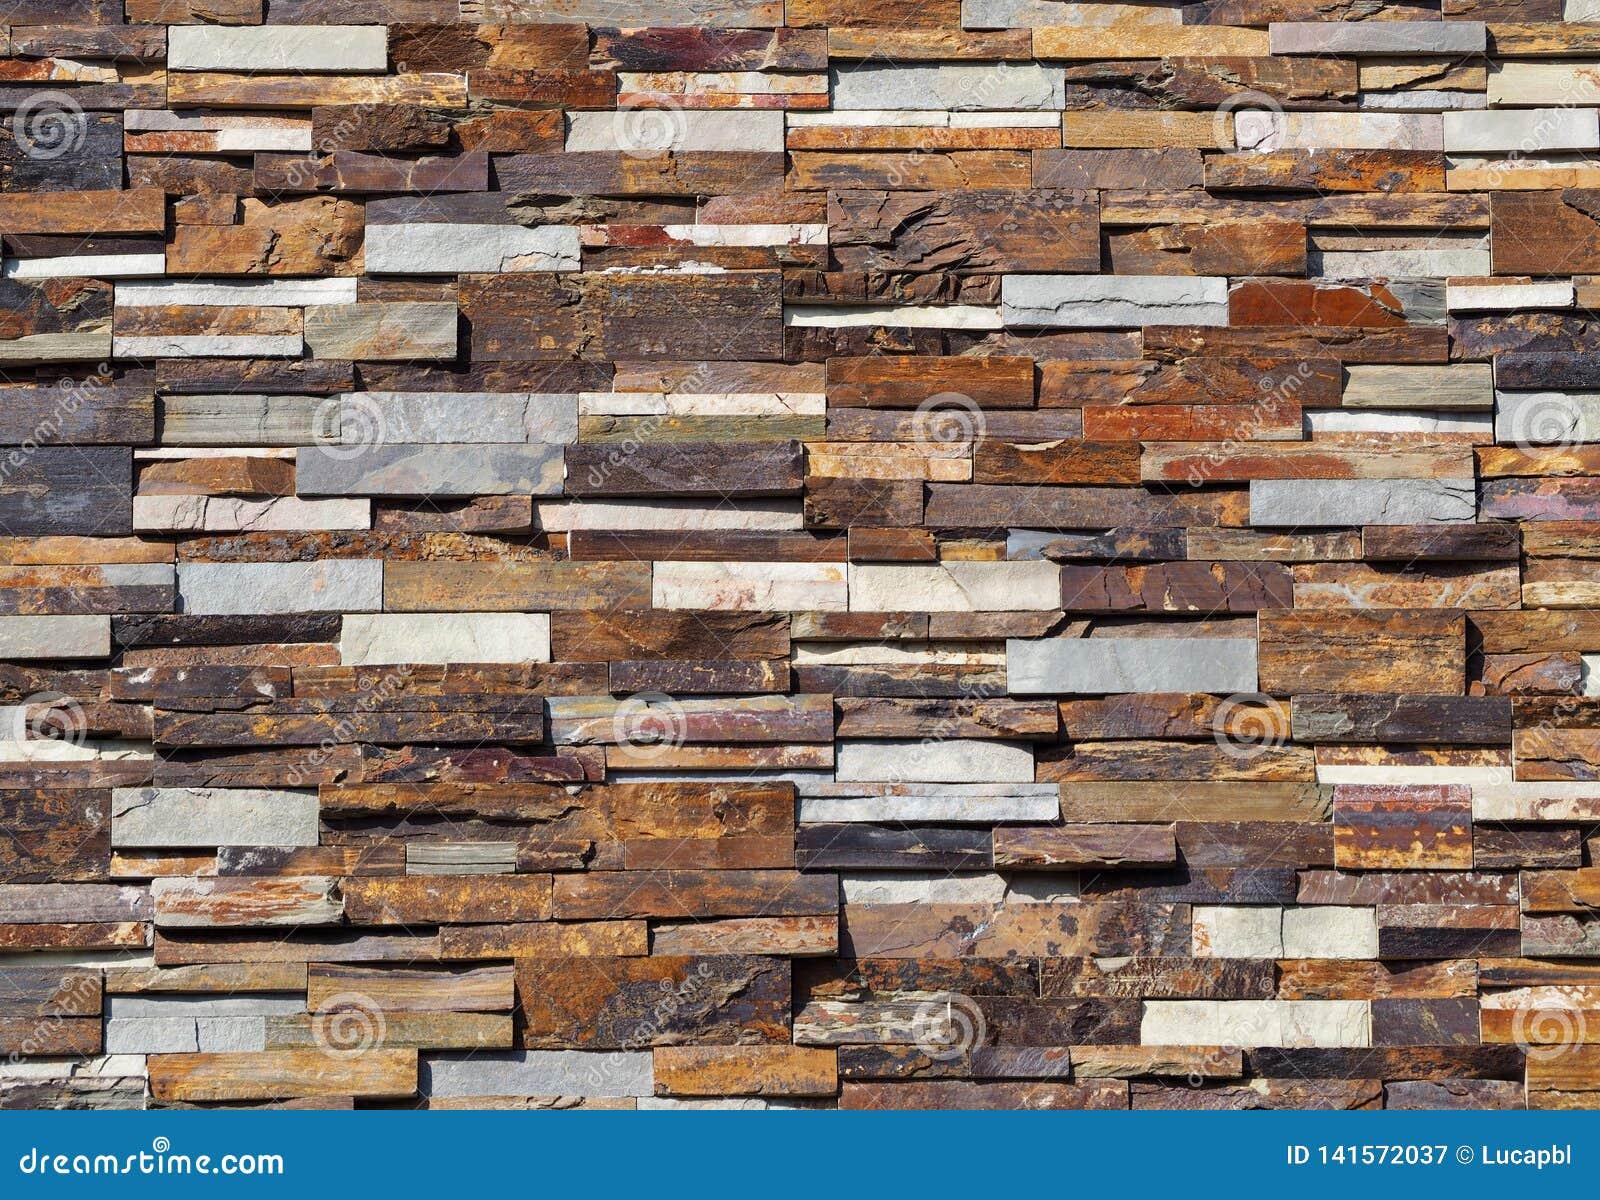 Revetement Mur Exterieur Pierre mur en pierre de revêtement fait de dalles empilées rayées